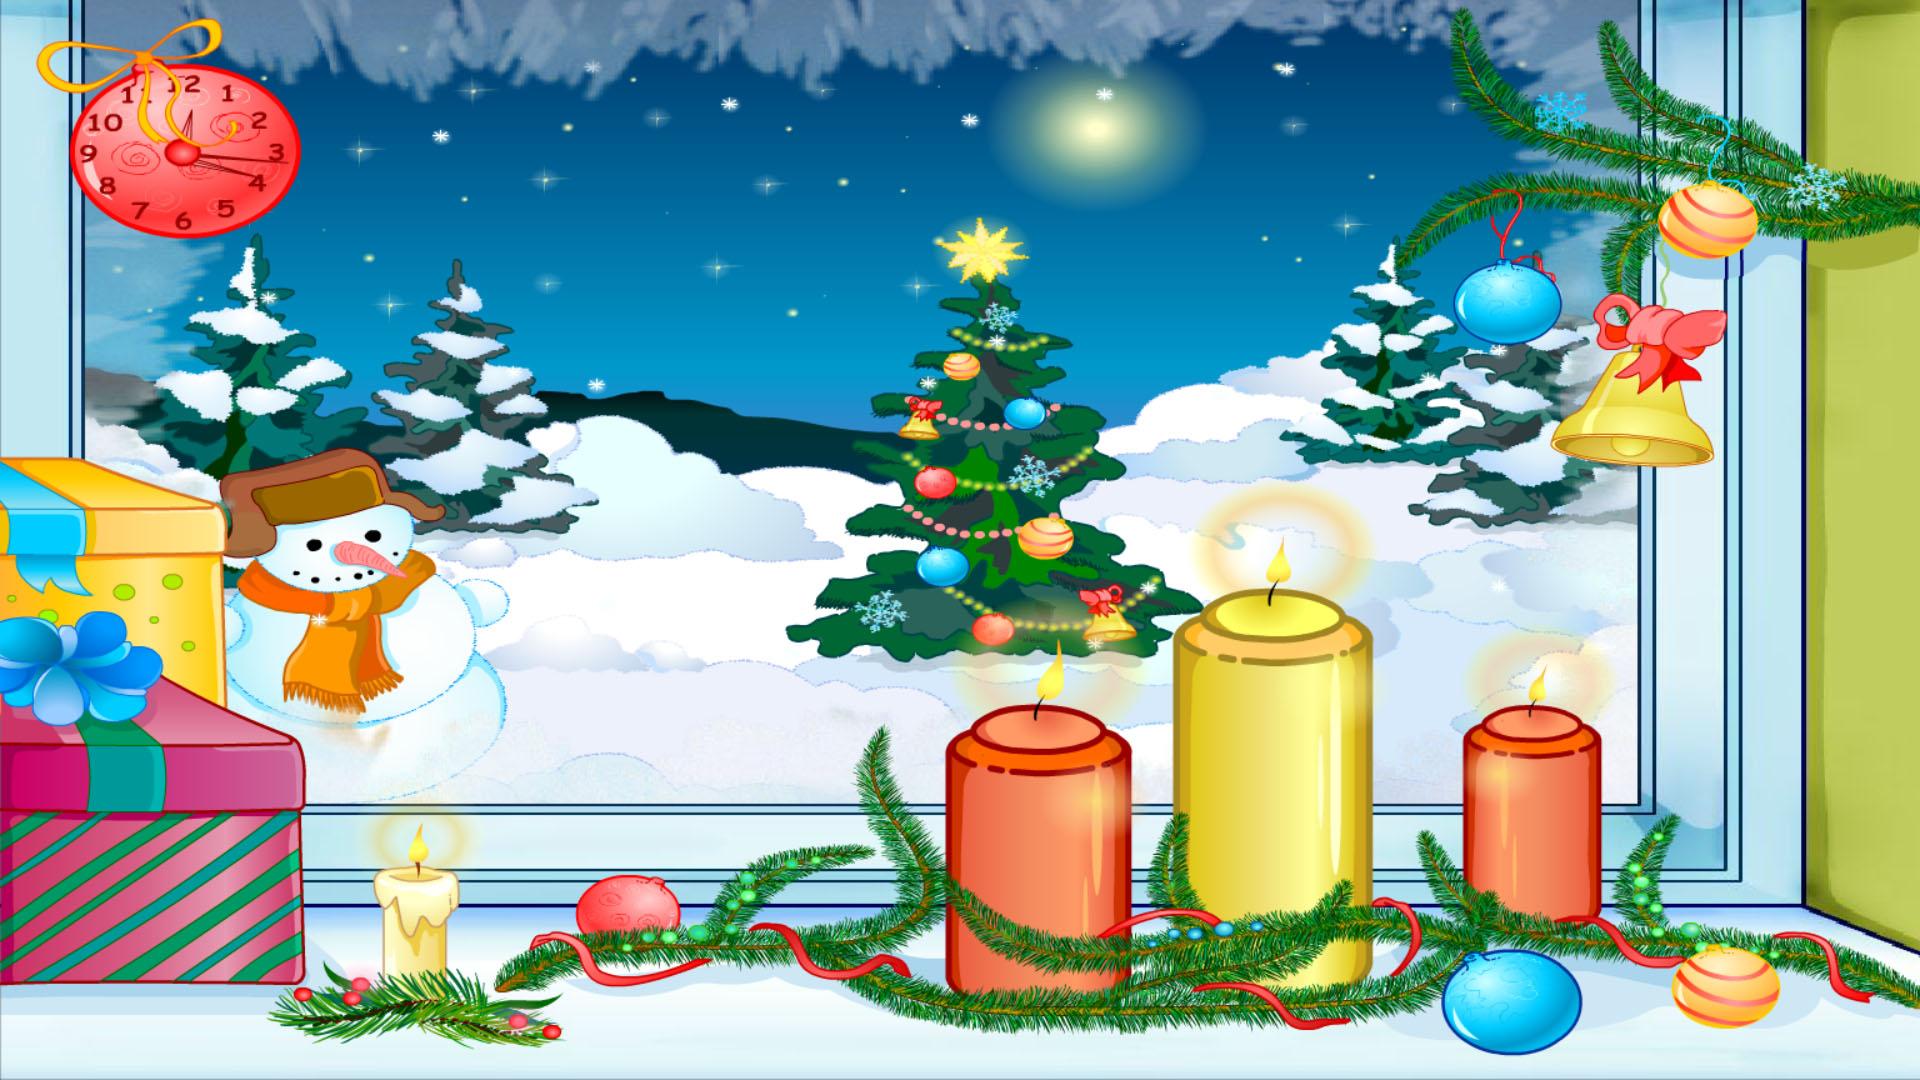 Free Christmas Screensaver For Windows 10 Christmas Plots Screensaver Windows10screensavers Net